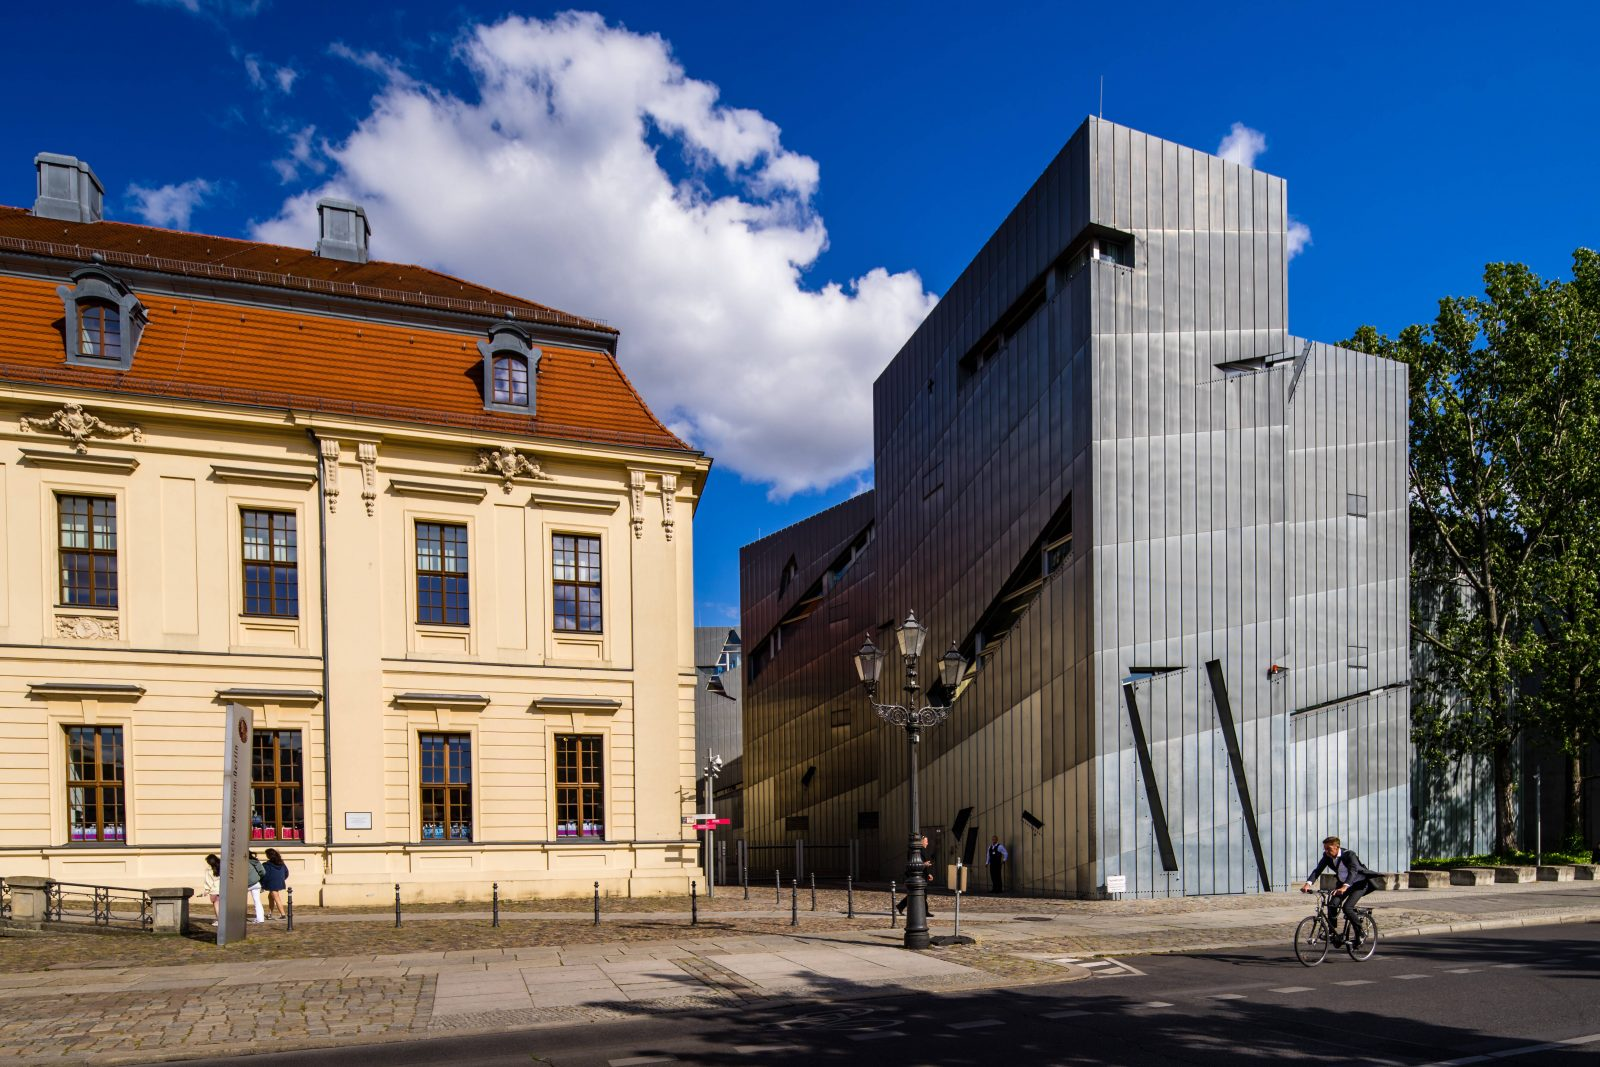 12 Architektur Hohepunkte In Berlin Von Poelzig Bis Chipperfield